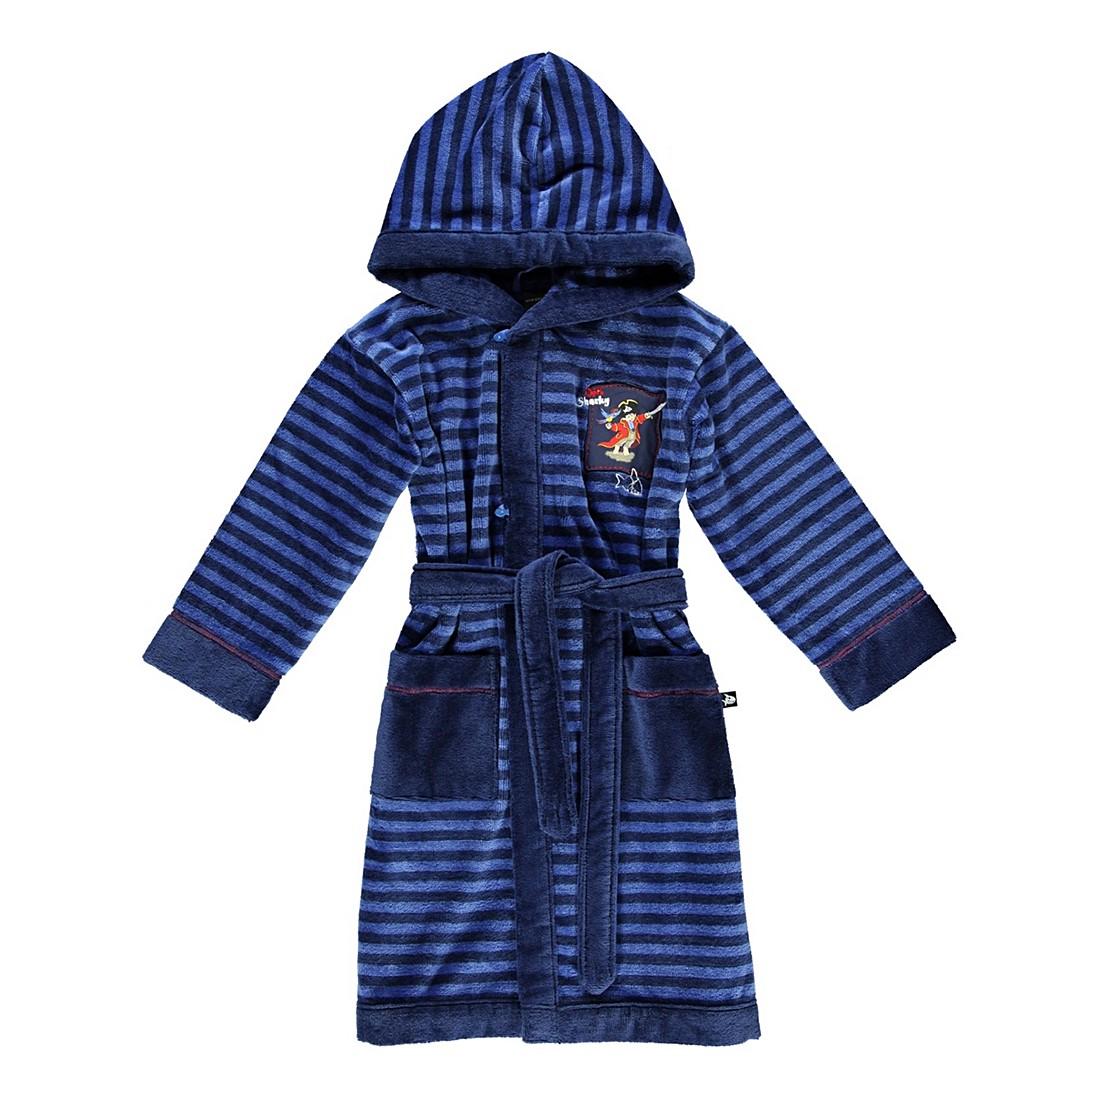 Kinderbademantel Captn 5 – Kinder – Velours – 85% Baumwolle – 15% Polyester Blau – 899 – Größe: 92, Morgenstern bestellen